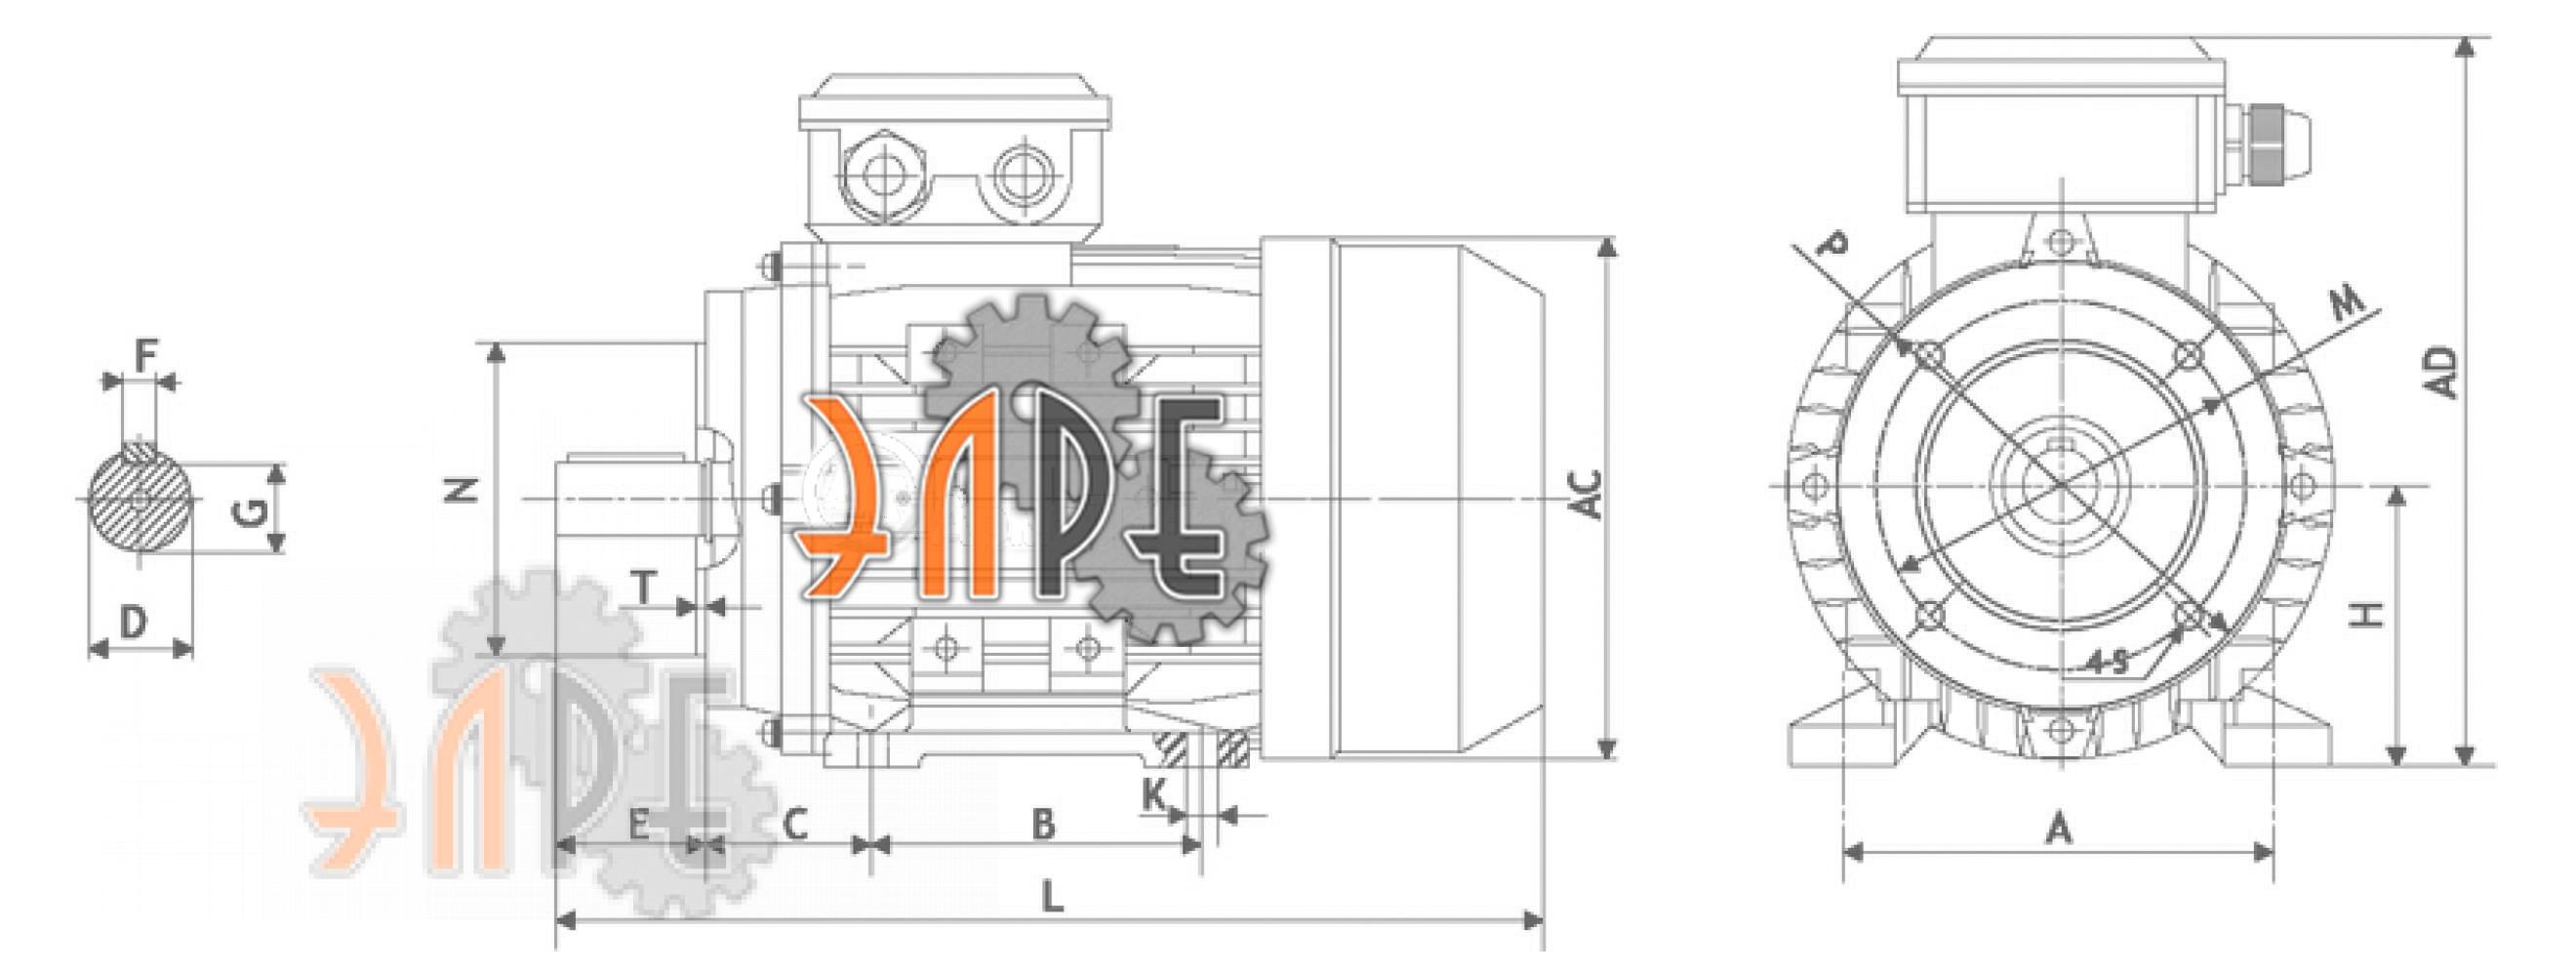 Исполнение комбинированное с малым фланцем схема АИС112М4